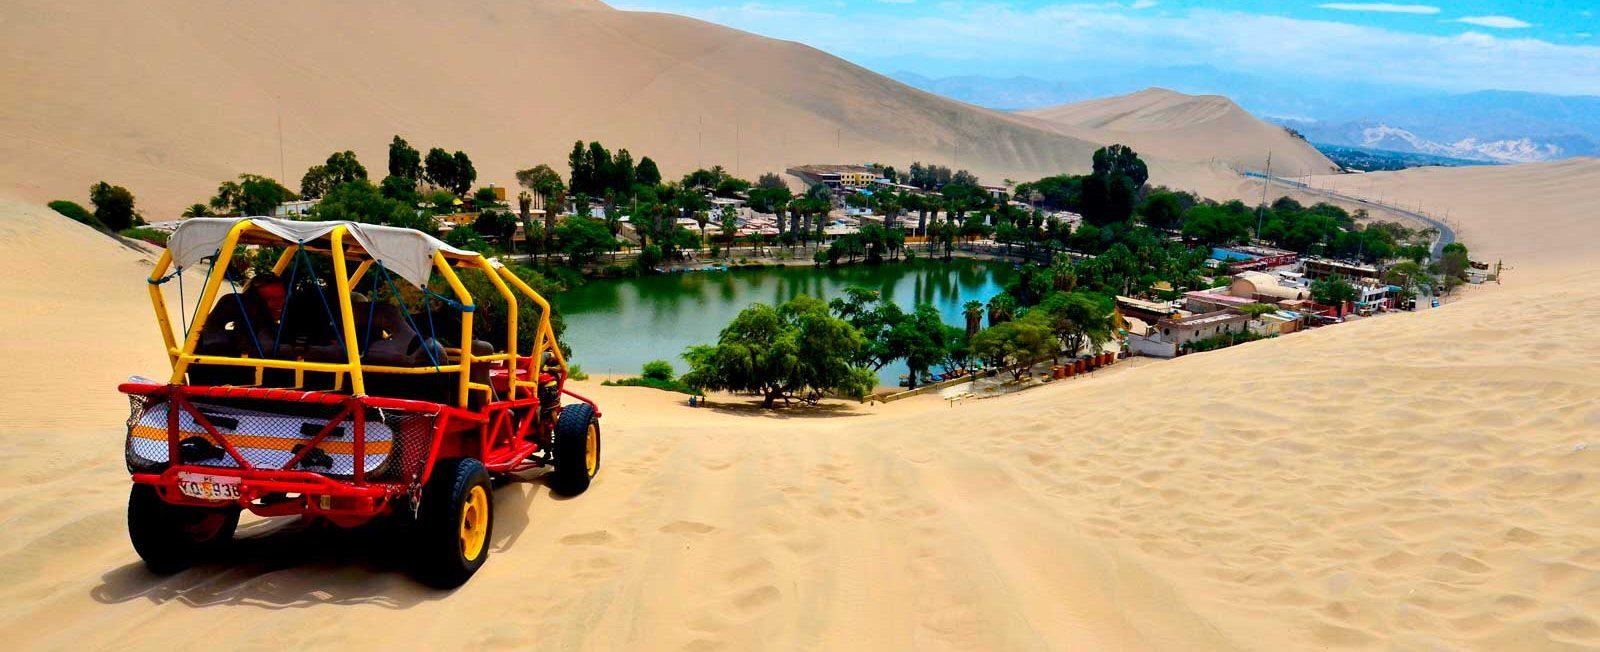 laguna_huacachina_ica_peru_turismo-e1595263285366